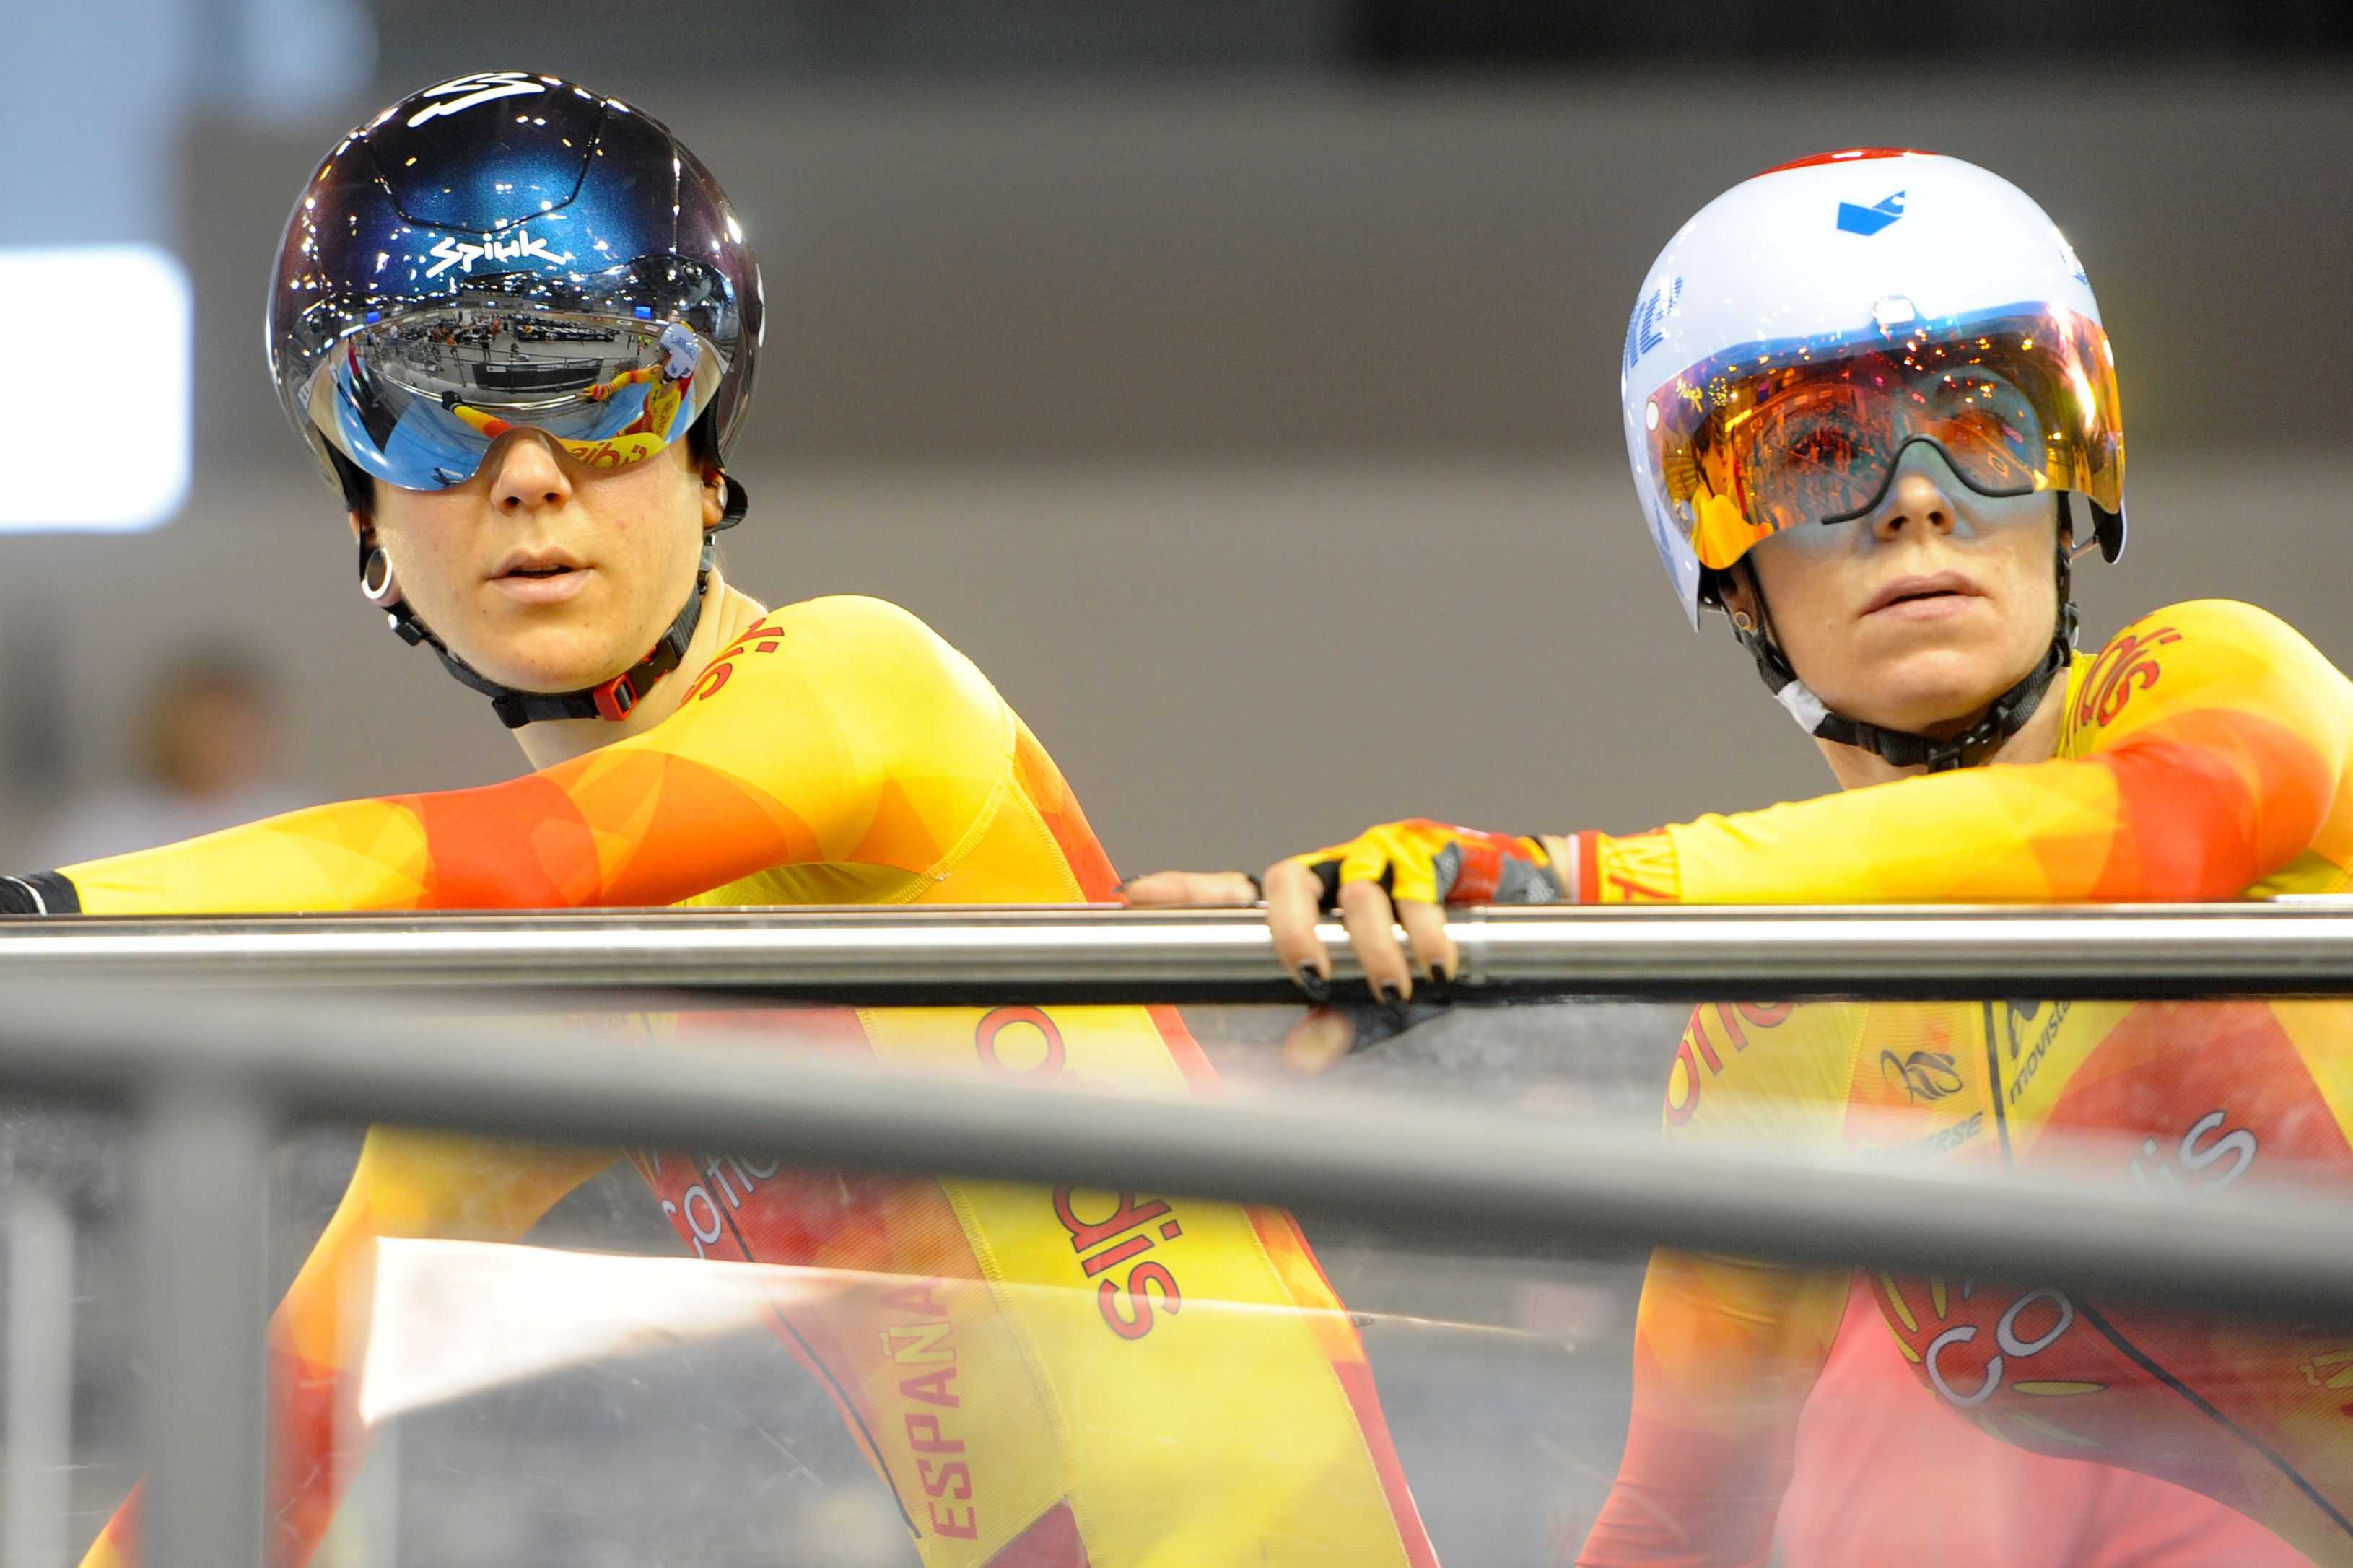 #TeamESPciclismo - Mundial de Ciclismo Adaptado en Pista 2020, Milton